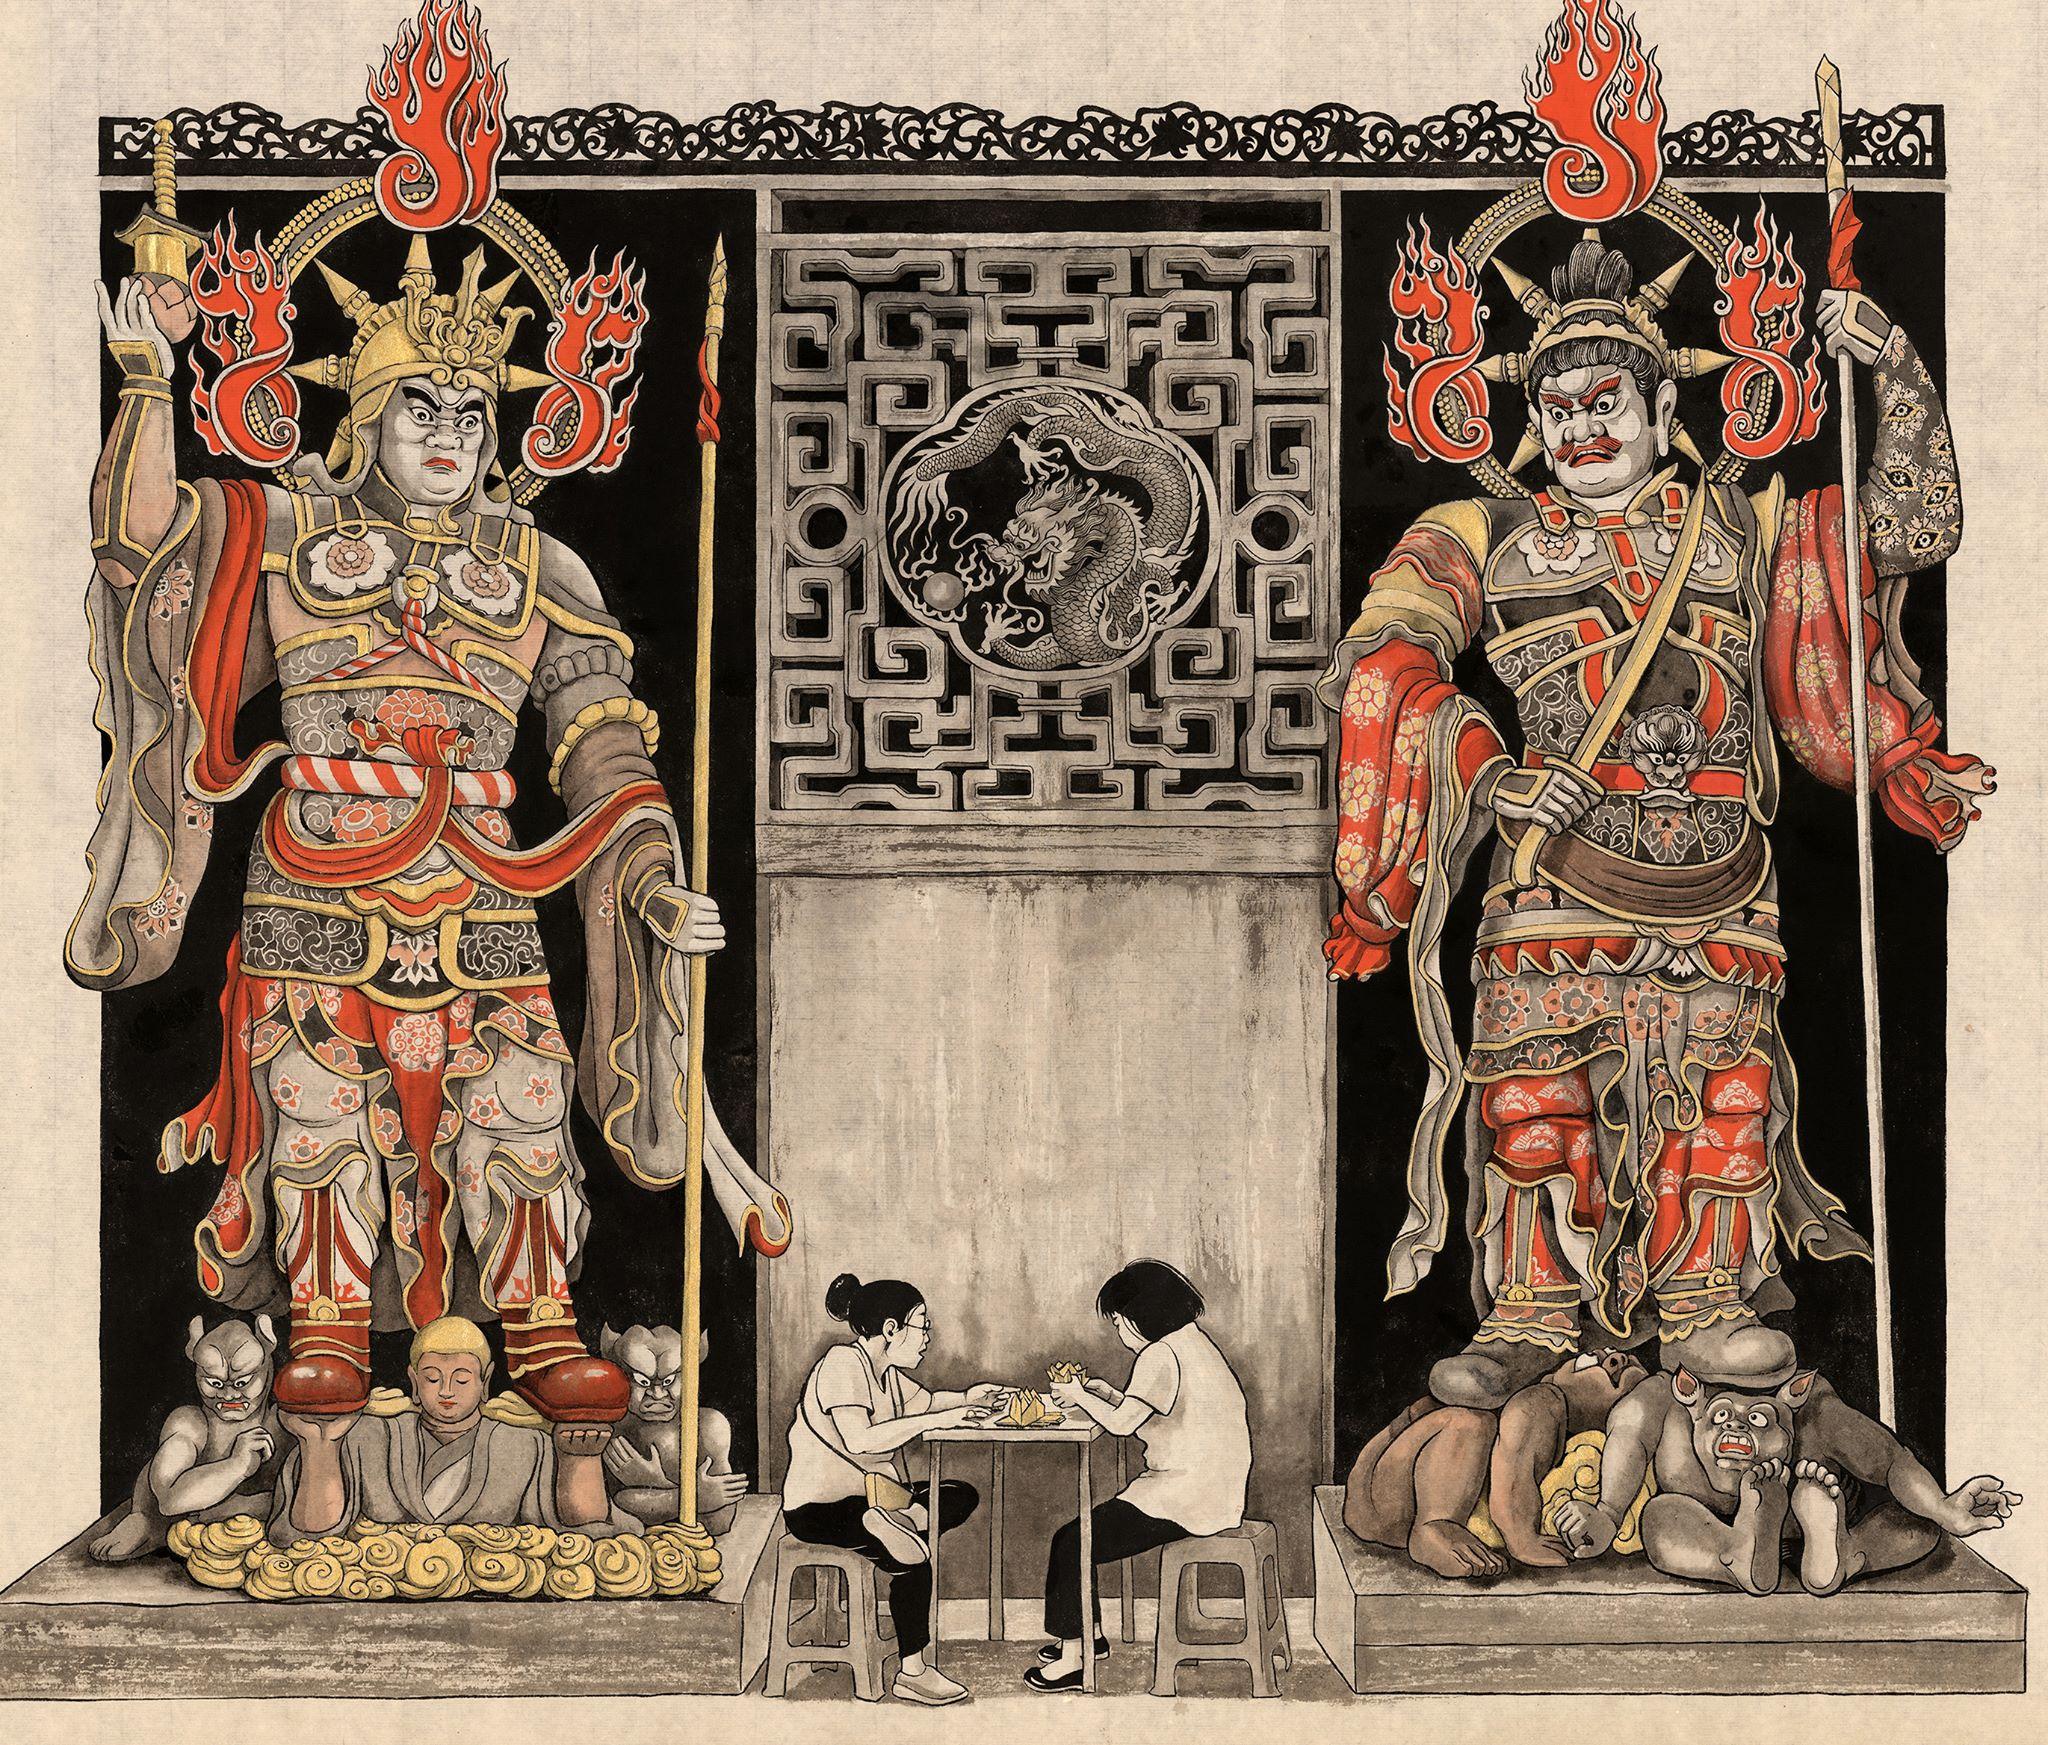 Бог хаоса Шанхая Бог хаоса Шанхая 37269398 1762307560521523 2268620473279447040 o